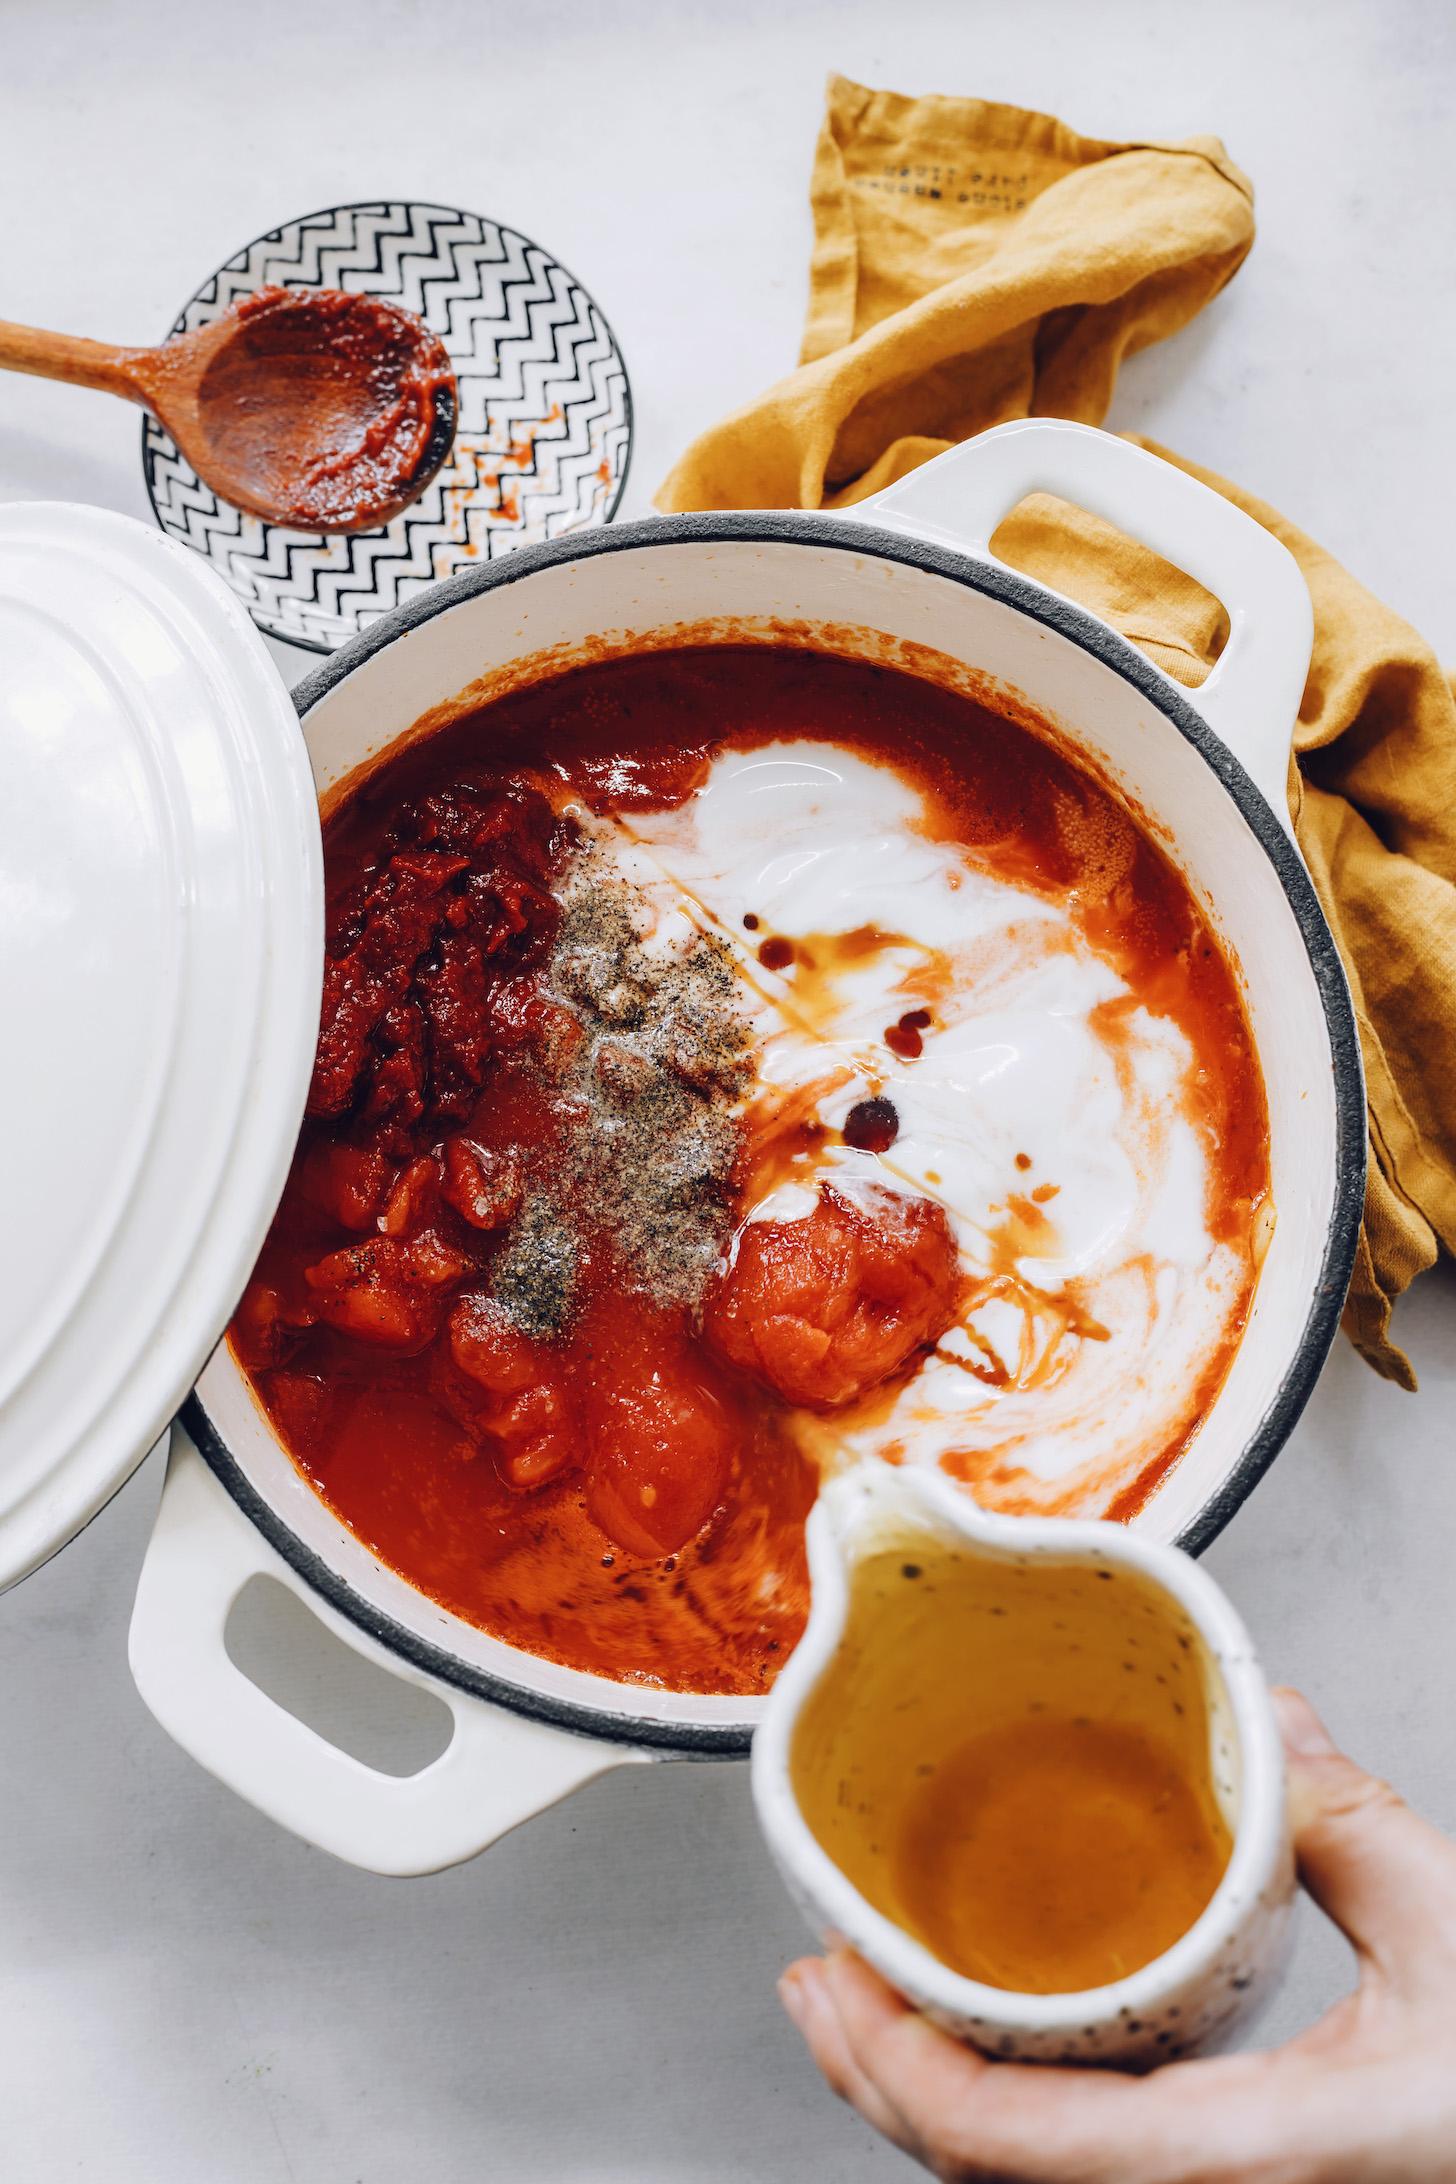 Domates, hindistan cevizi sütü, tuz, biber, fesleğen, soğan, sarımsak, akçaağaç şurubu ve et suyu içeren bir tencereye sebze suyunu dökün.